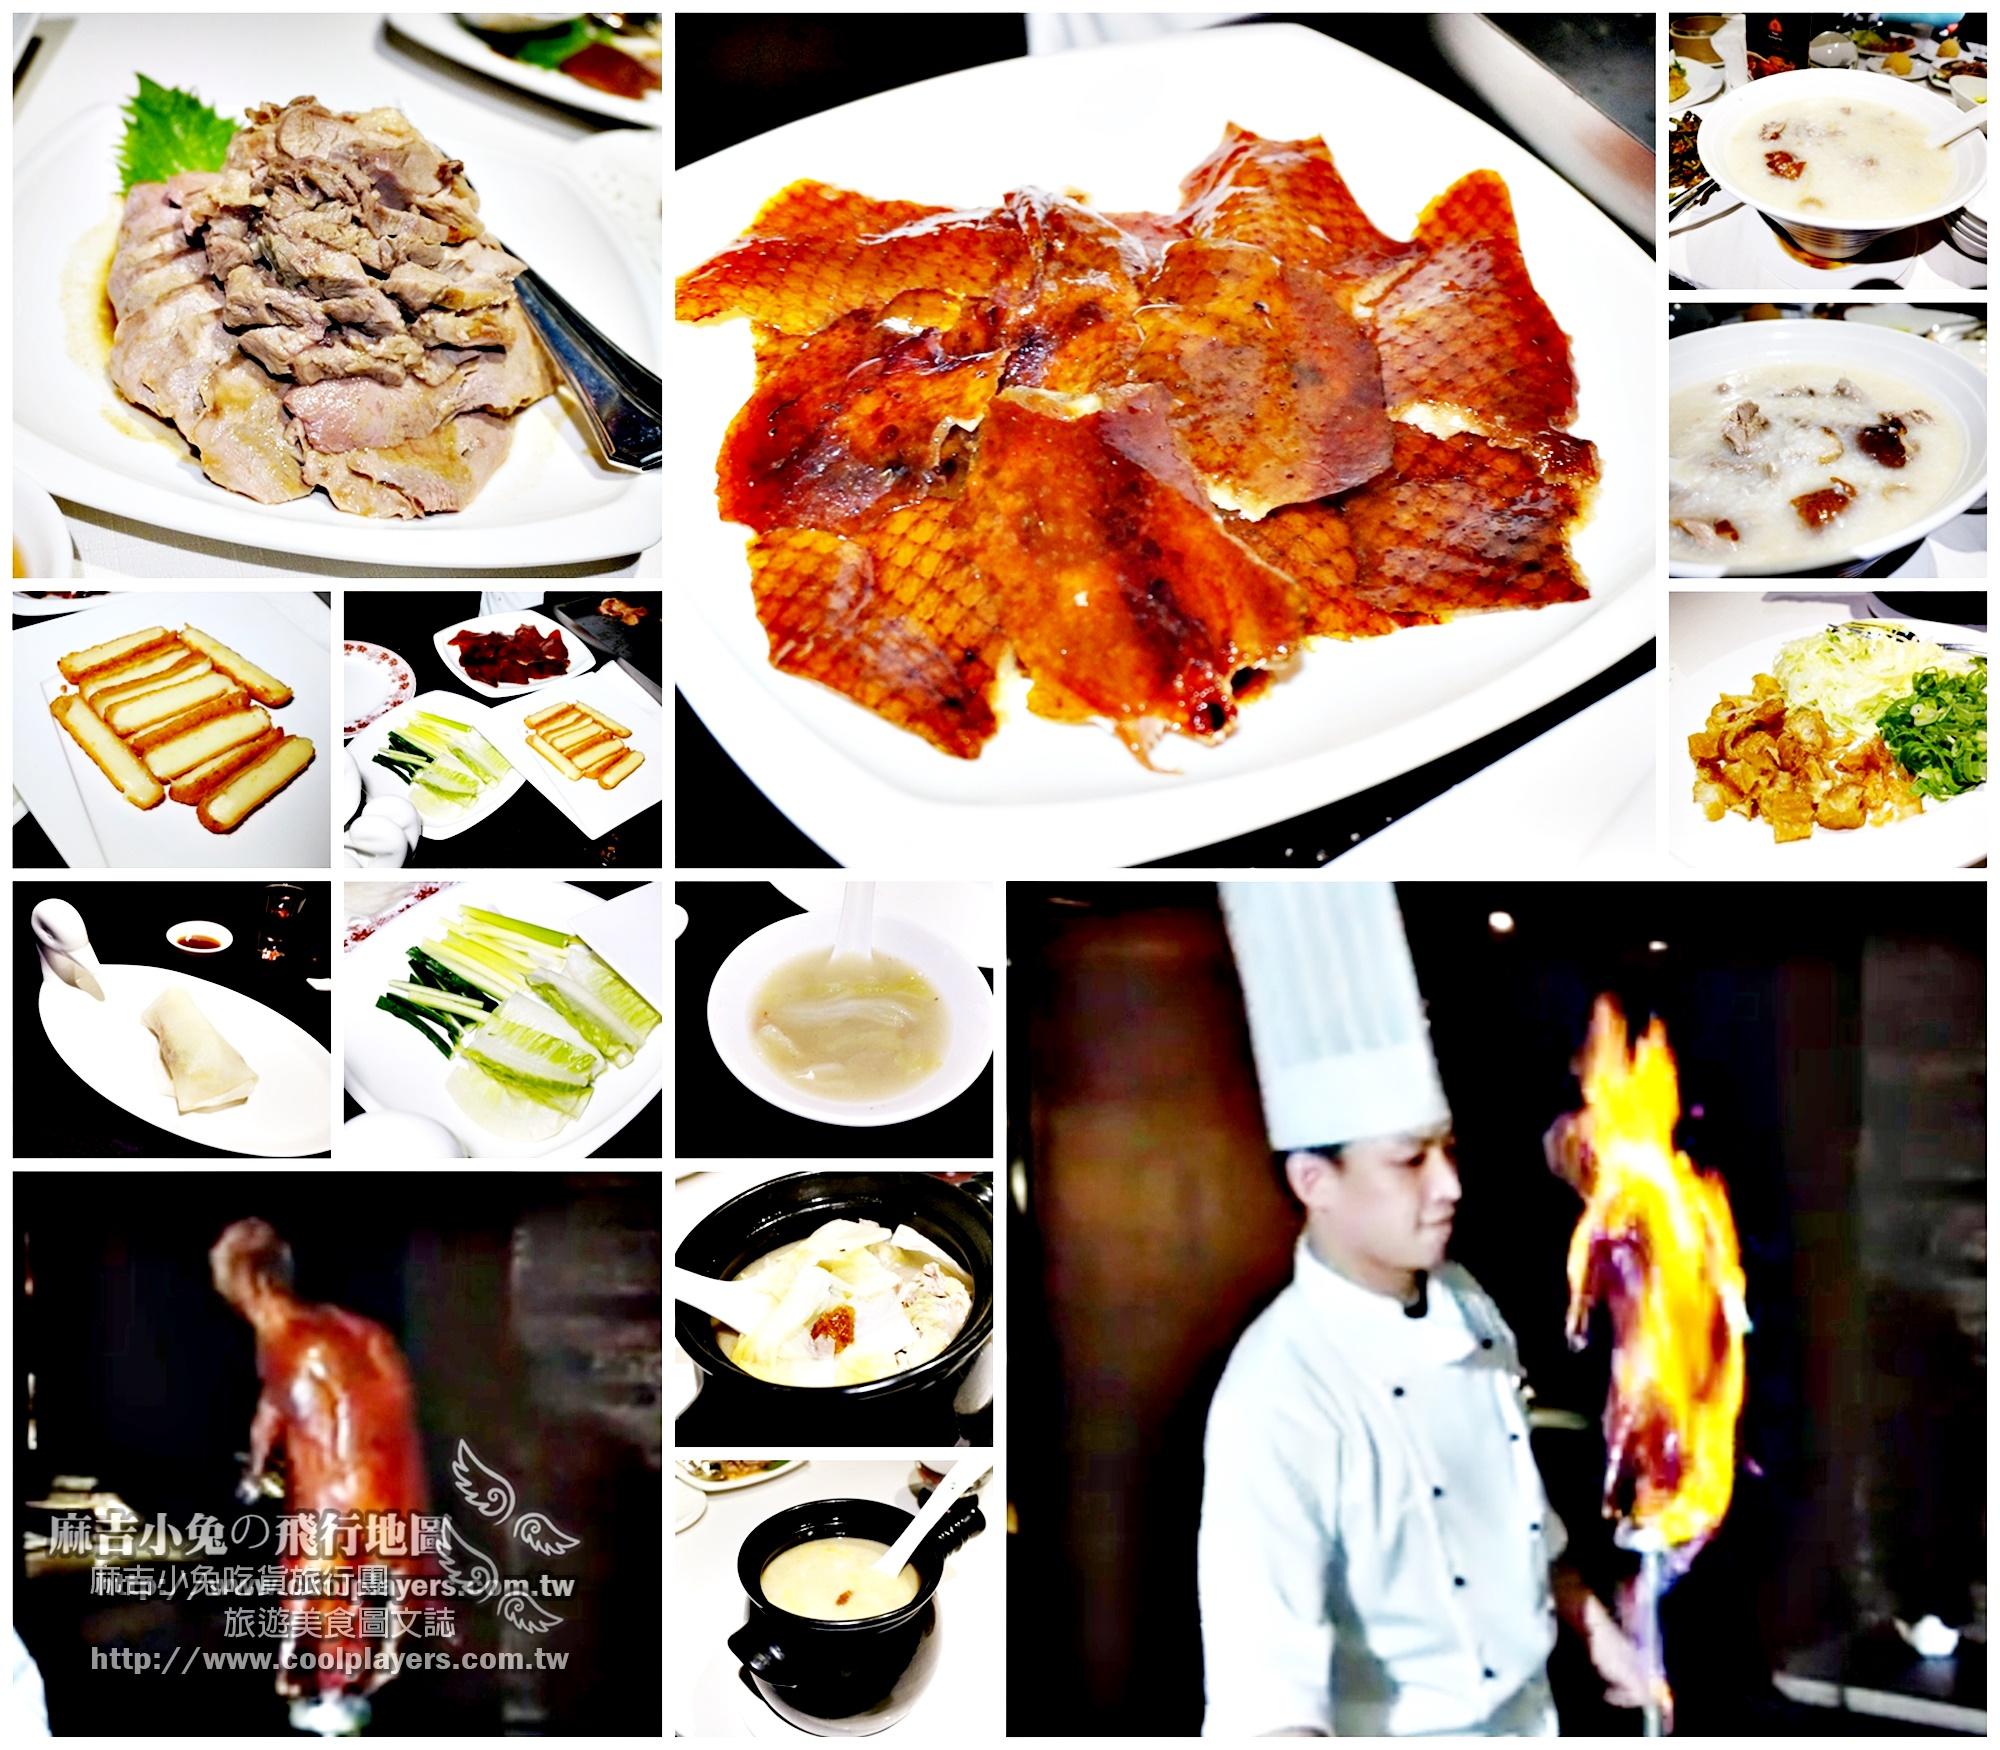 美味 創意 CP值破表~宜蘭蘭城晶英酒店紅樓餐廳《櫻桃霸王烤鴨》 @麻吉小兔吃貨旅行團